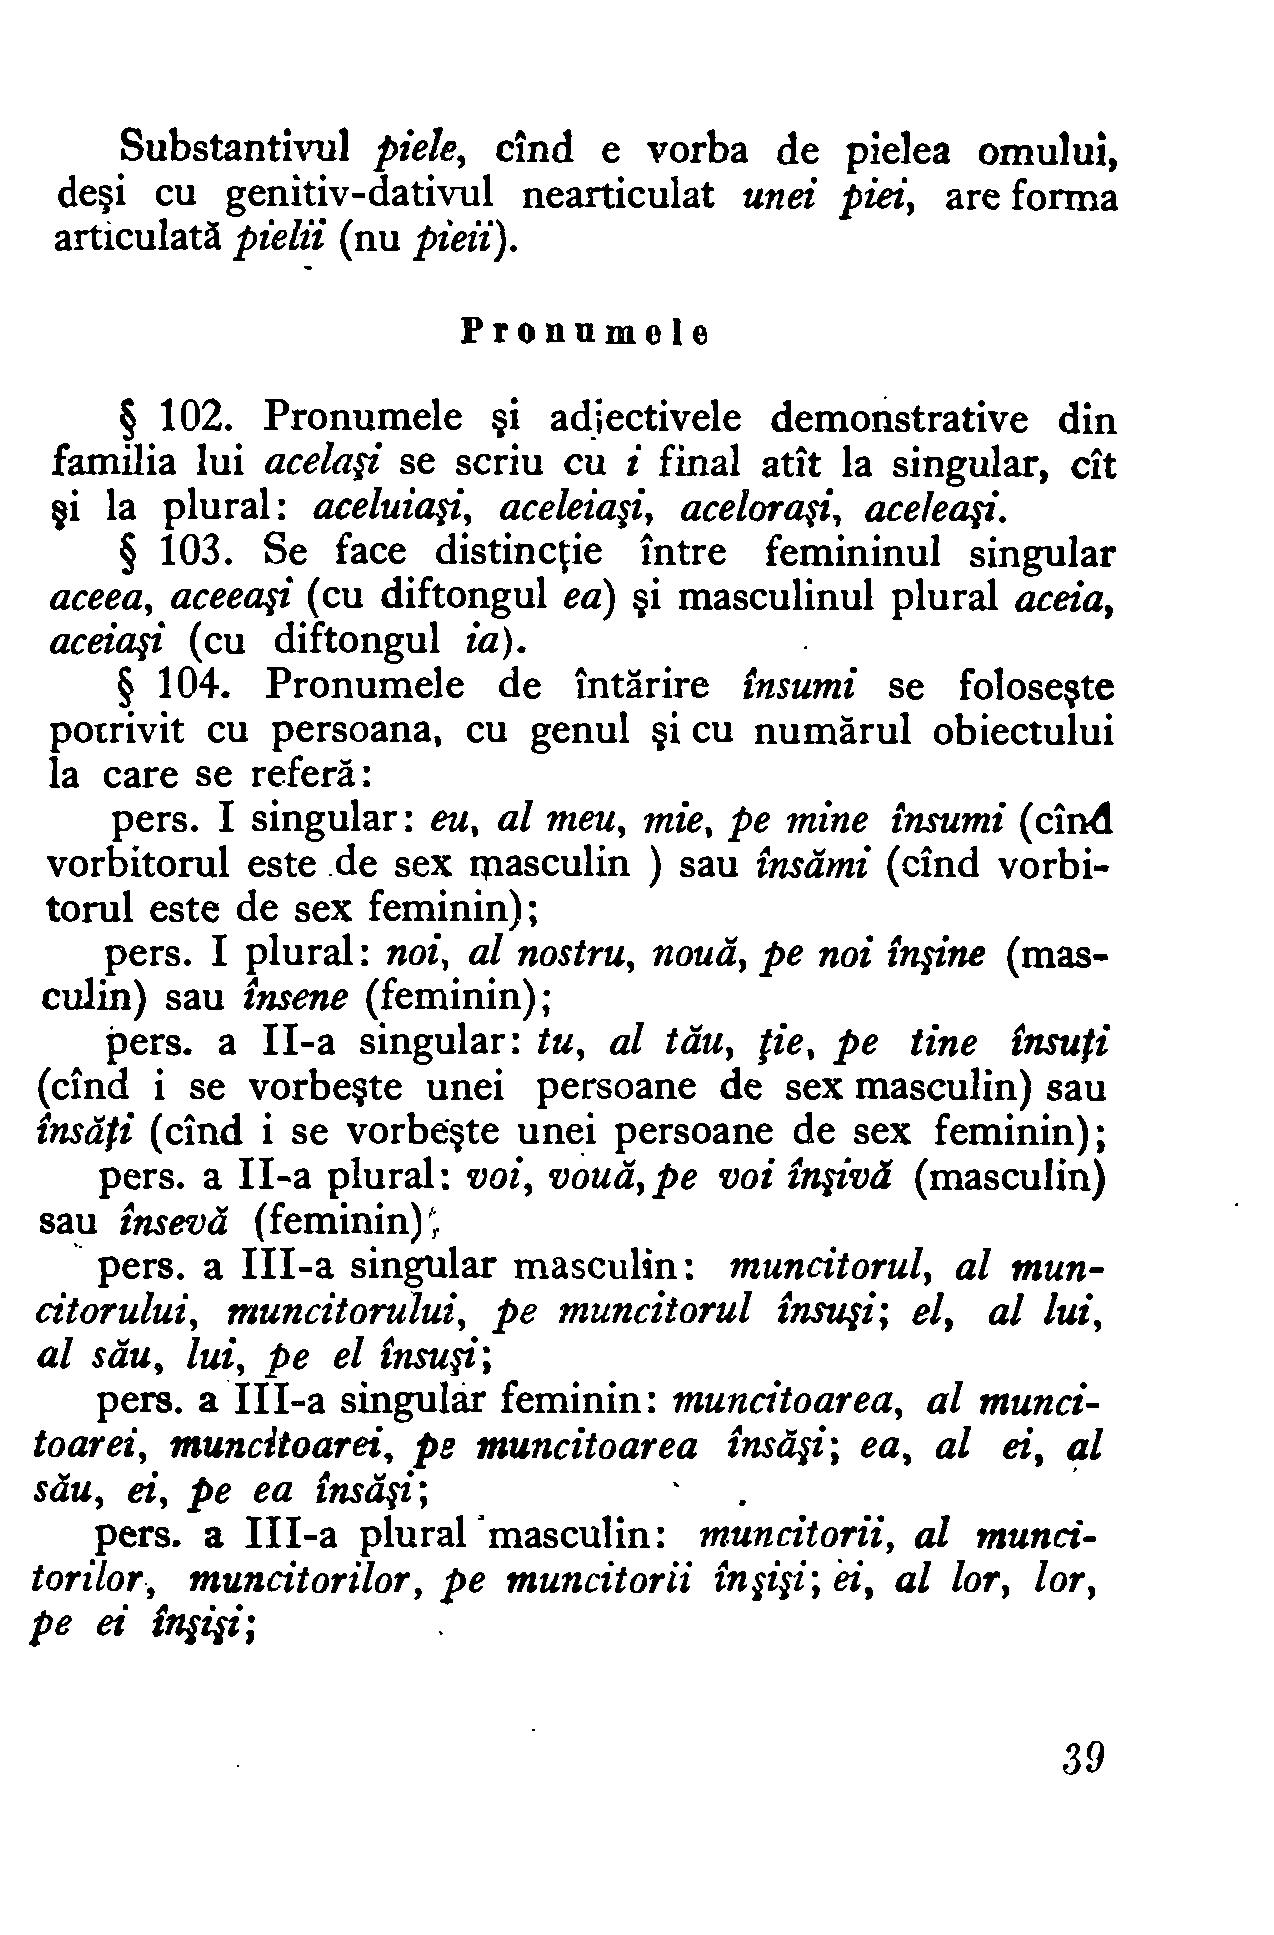 1954 - Mic dicționar ortografic (37).png